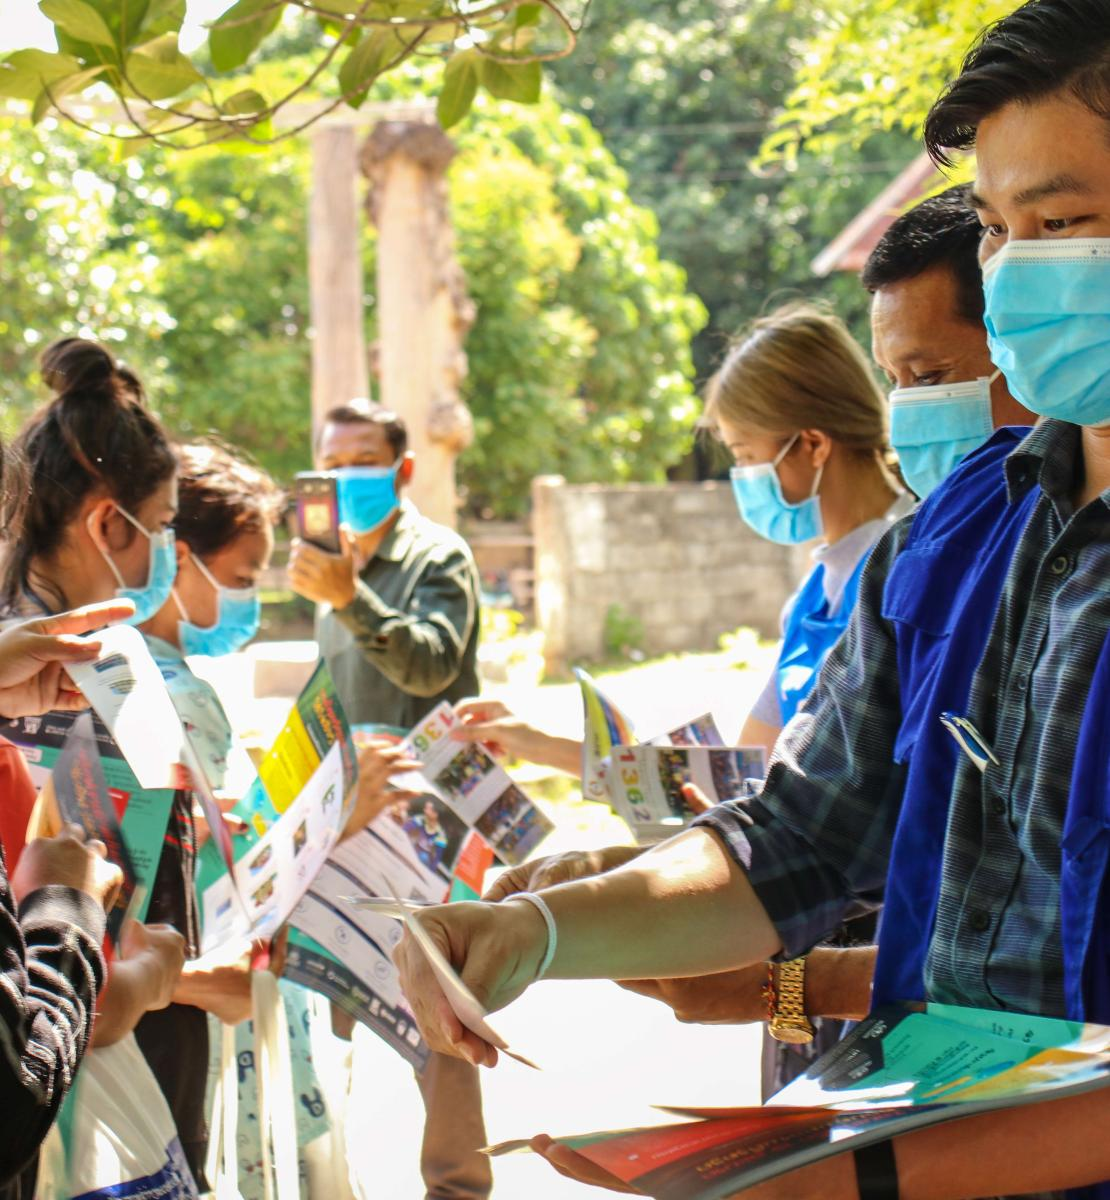 Plusieurs membres du personnel de l'OIM portant des vestes bleues et des masques de protection distribuent des brochures d'information à un groupe de jeunes femmes qui portent elles aussi des masques de protection.